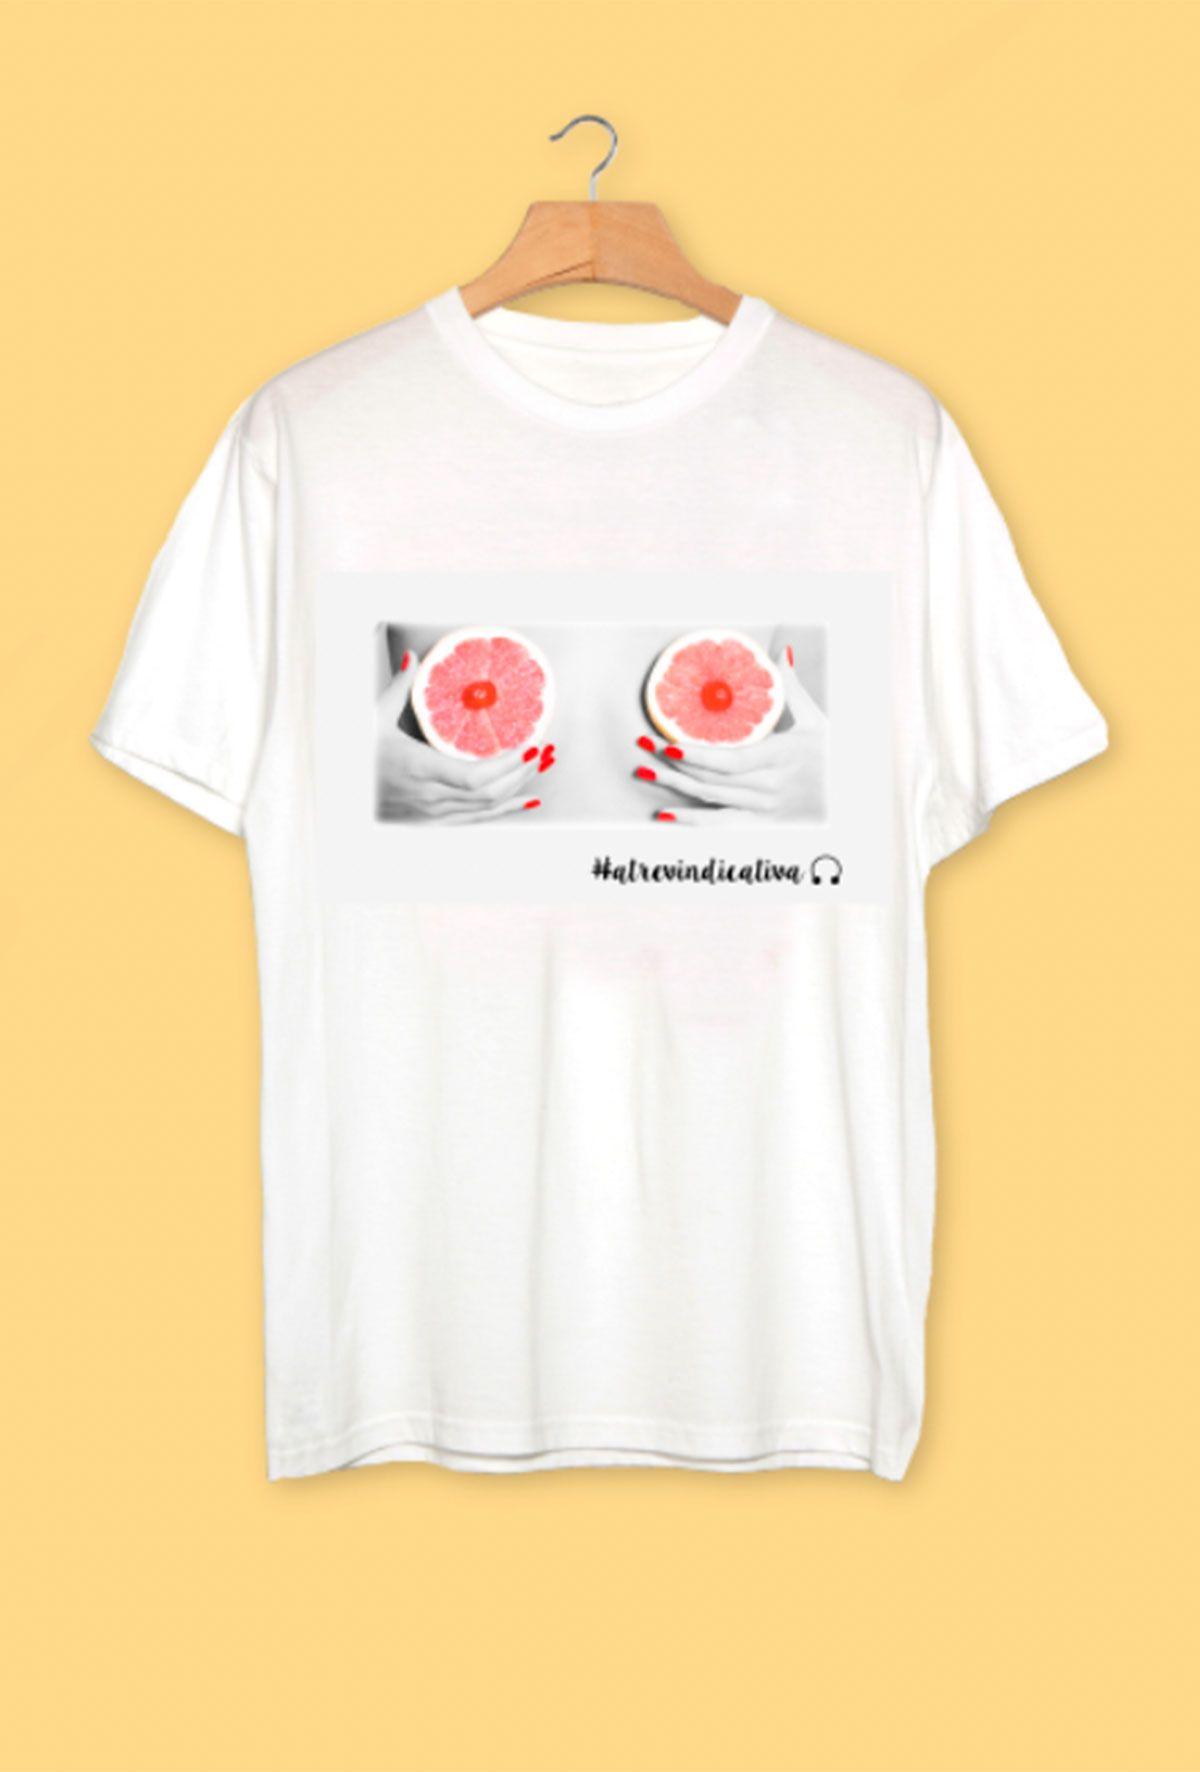 Camisetas pecho atrevindicativa: granada